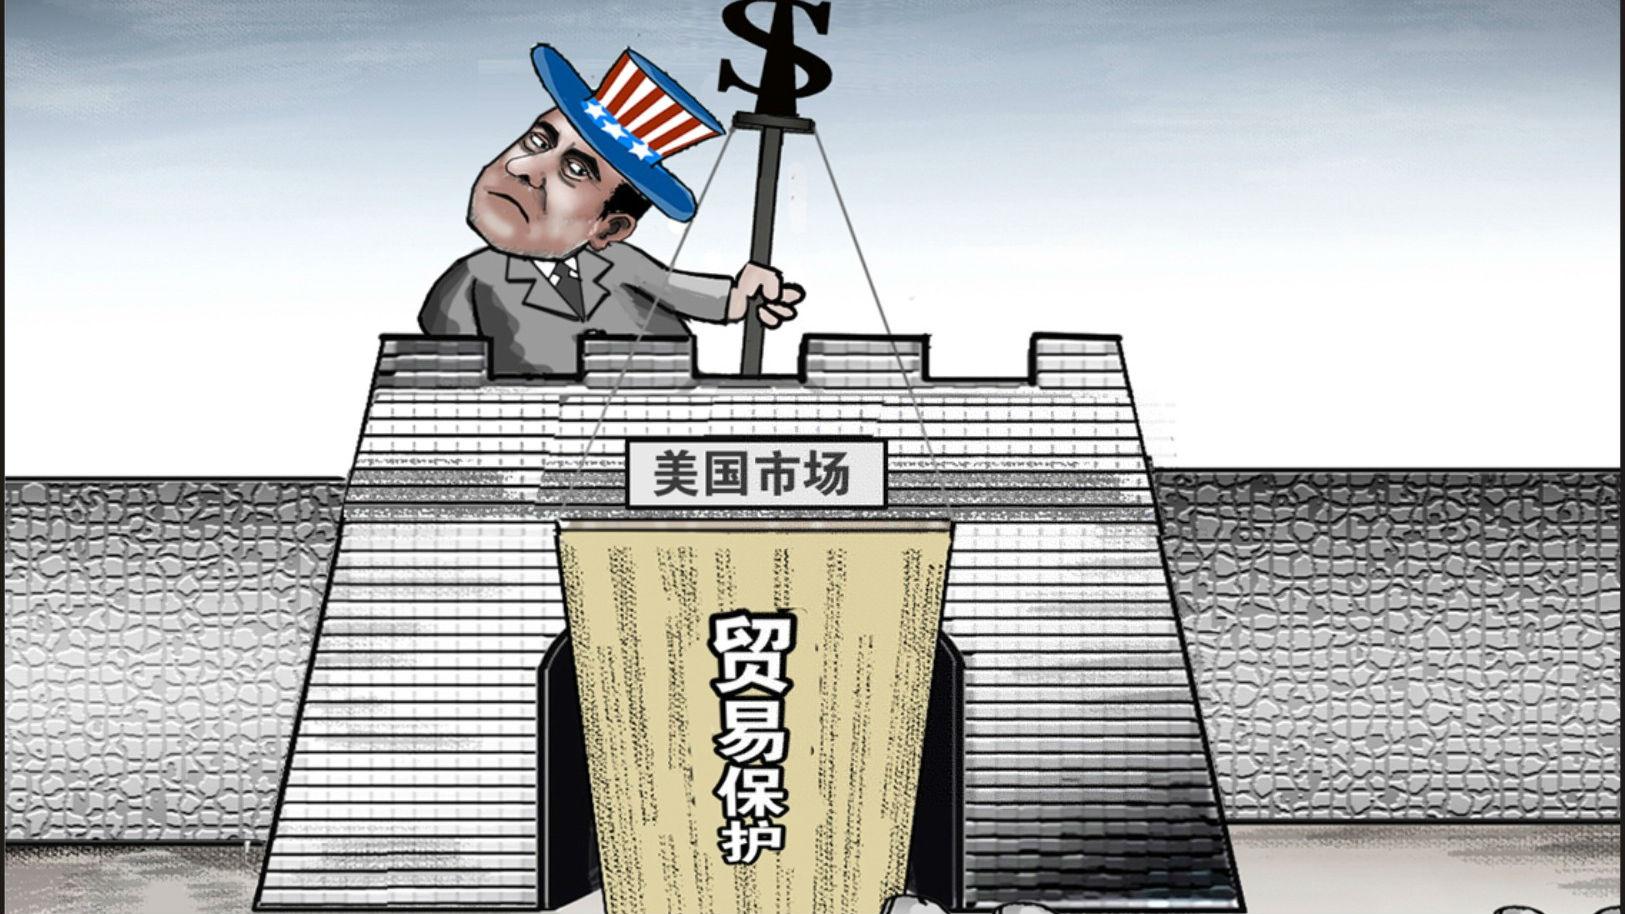 美贸易政策法律纠纷进入裁决阶段 中方在WTO斥美藐视规则